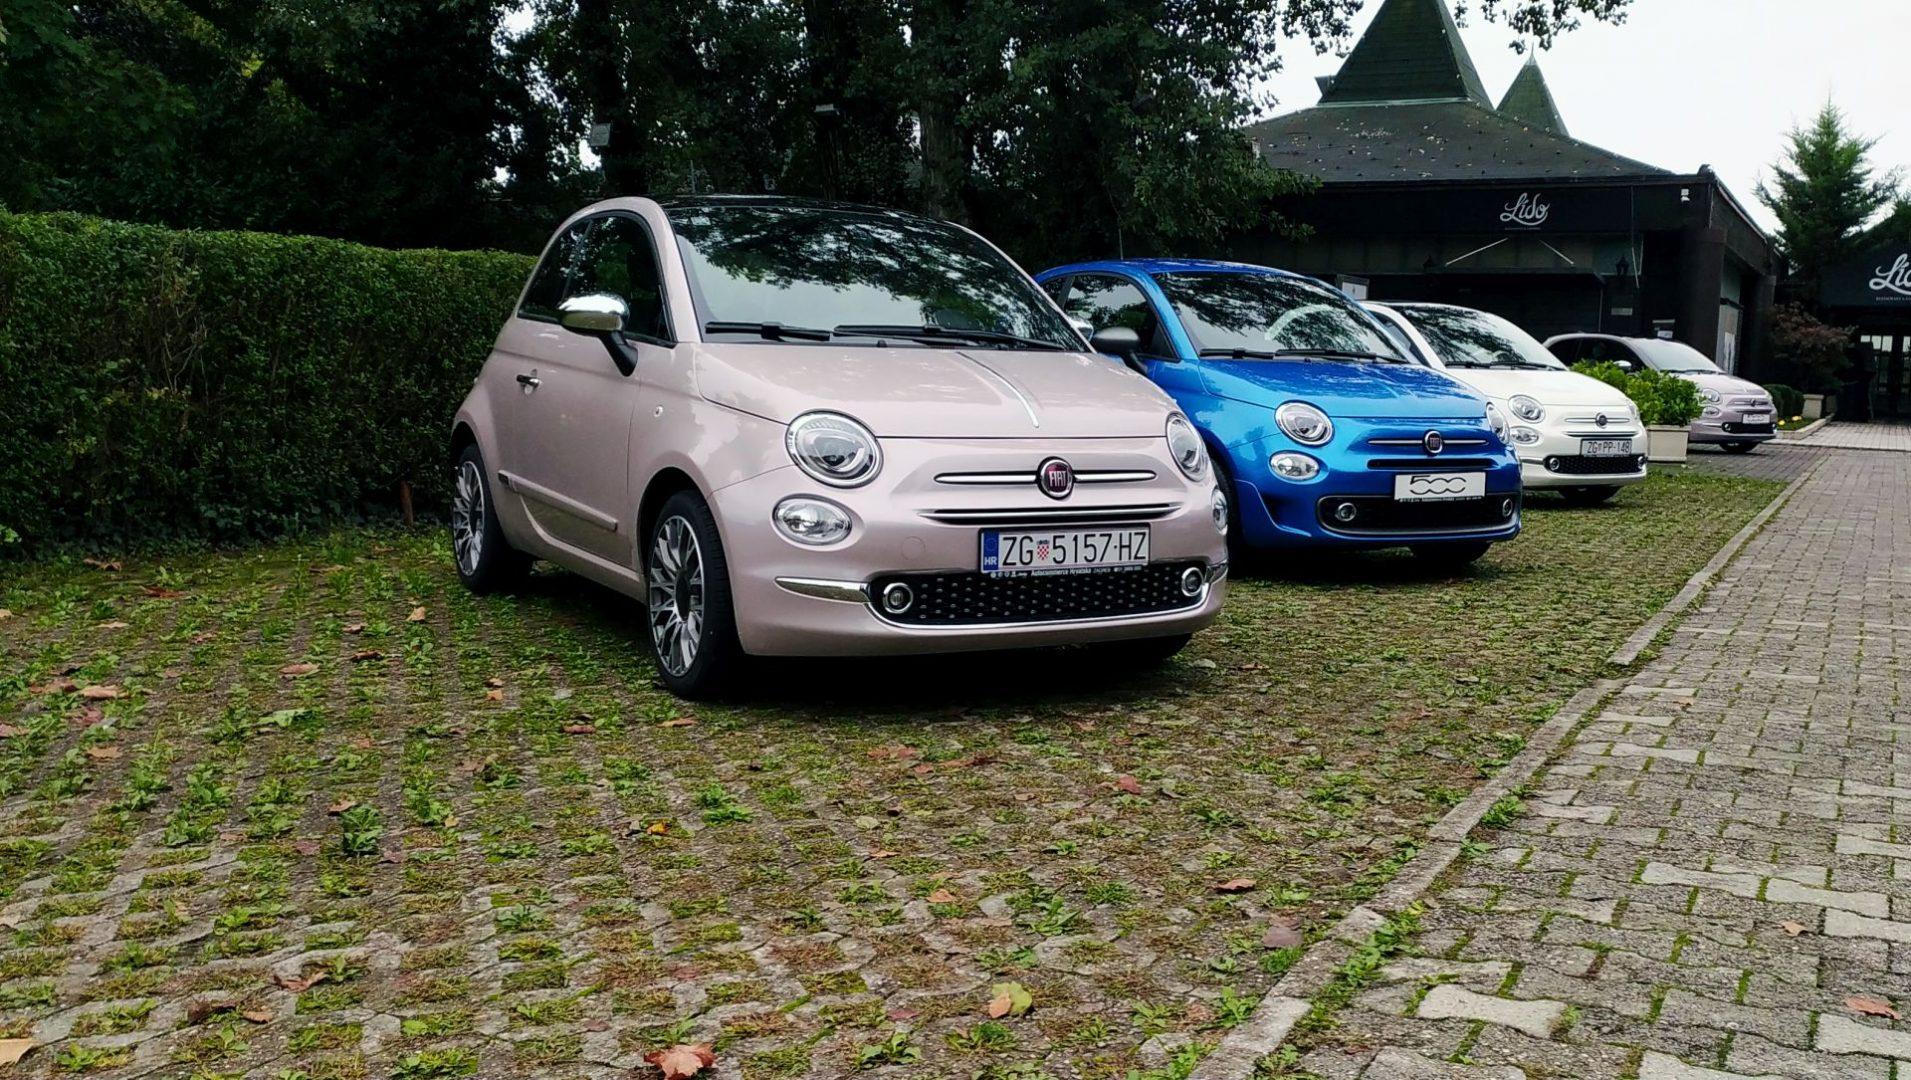 Domaćim novinarima predstavljen novi Fiat 500 Hybrid